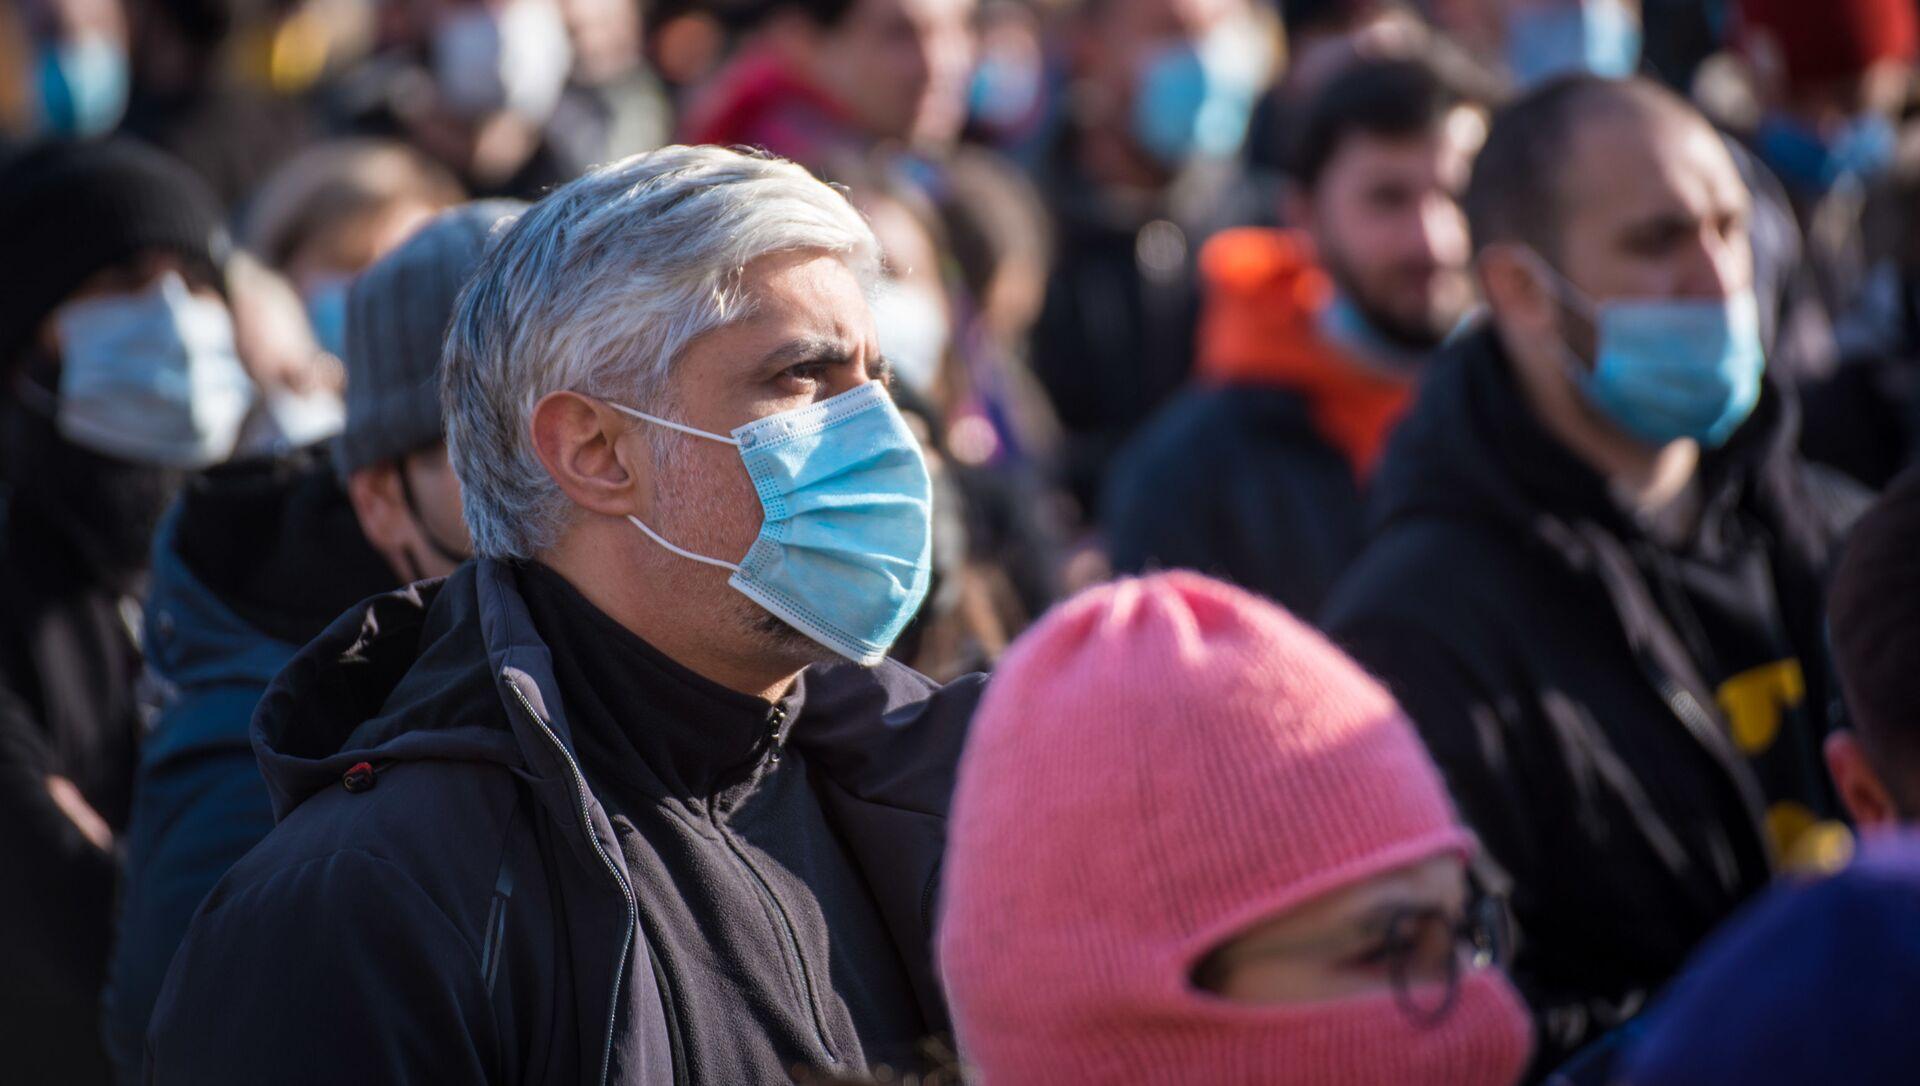 Акция протеста против ковид-ограничений 30 января 2021 года. Протестующие в масках - Sputnik Грузия, 1920, 01.02.2021